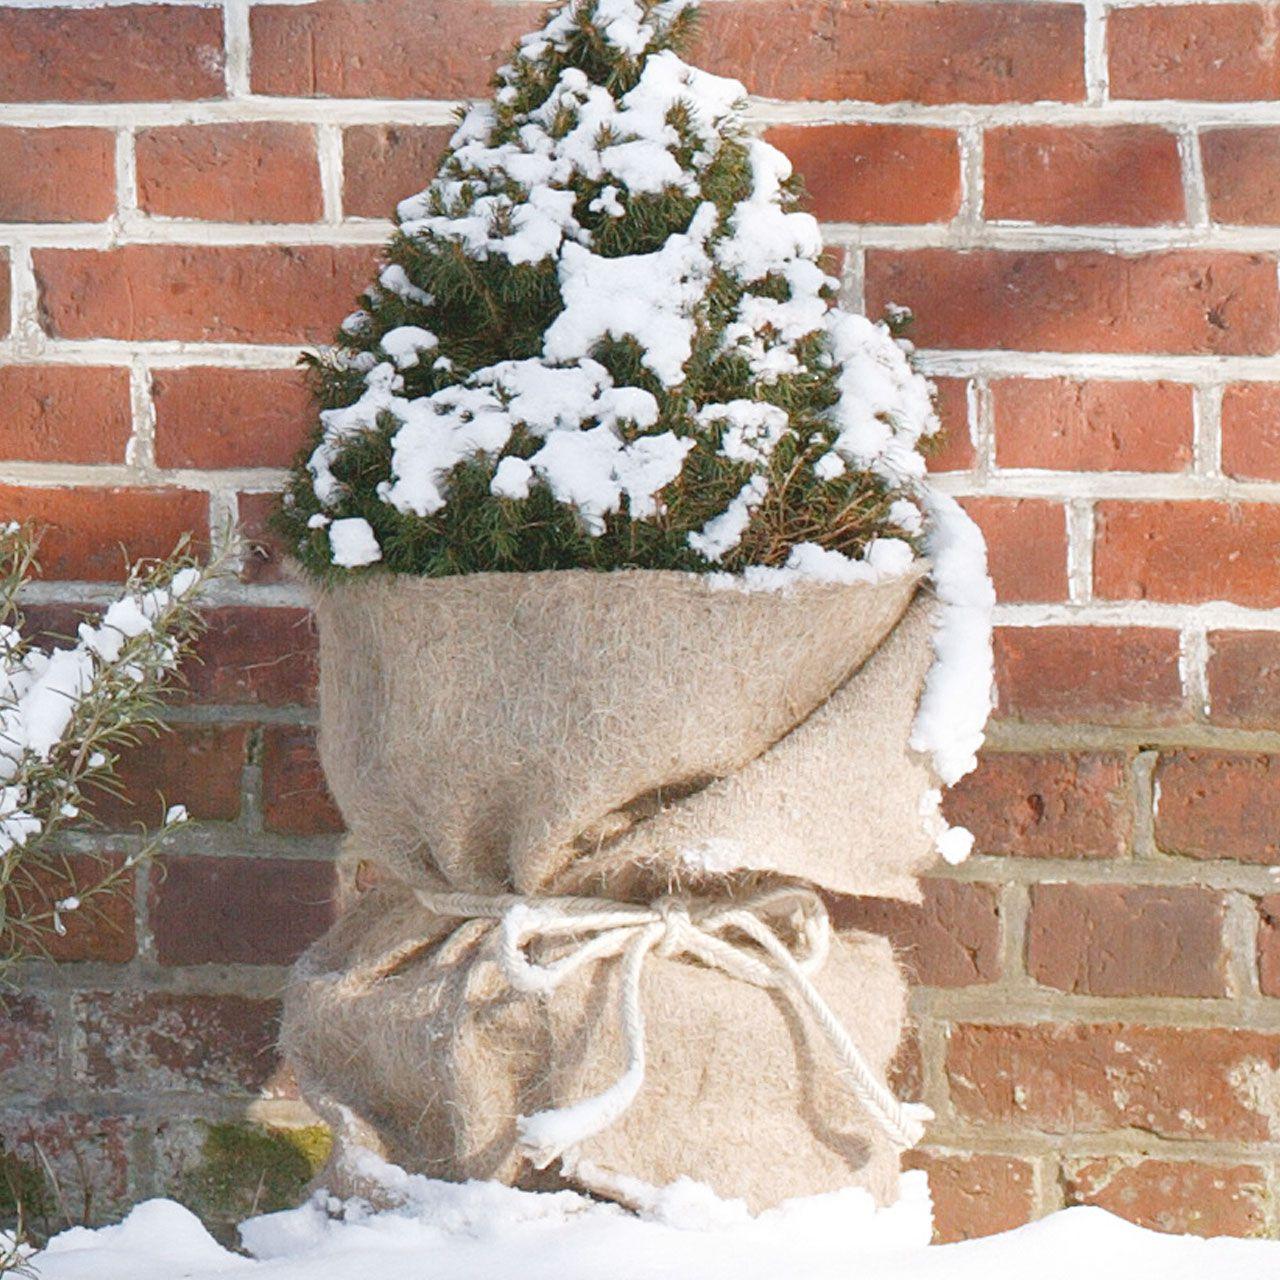 AFP Isolierfolie Winterschutz 50 x 300 cm//Noppenfolie//Luftpolsterfolie//Frostschutz K/übelpflanzen//K/älteschutz Blument/öpfe 2 Jutes/äckchen gratis